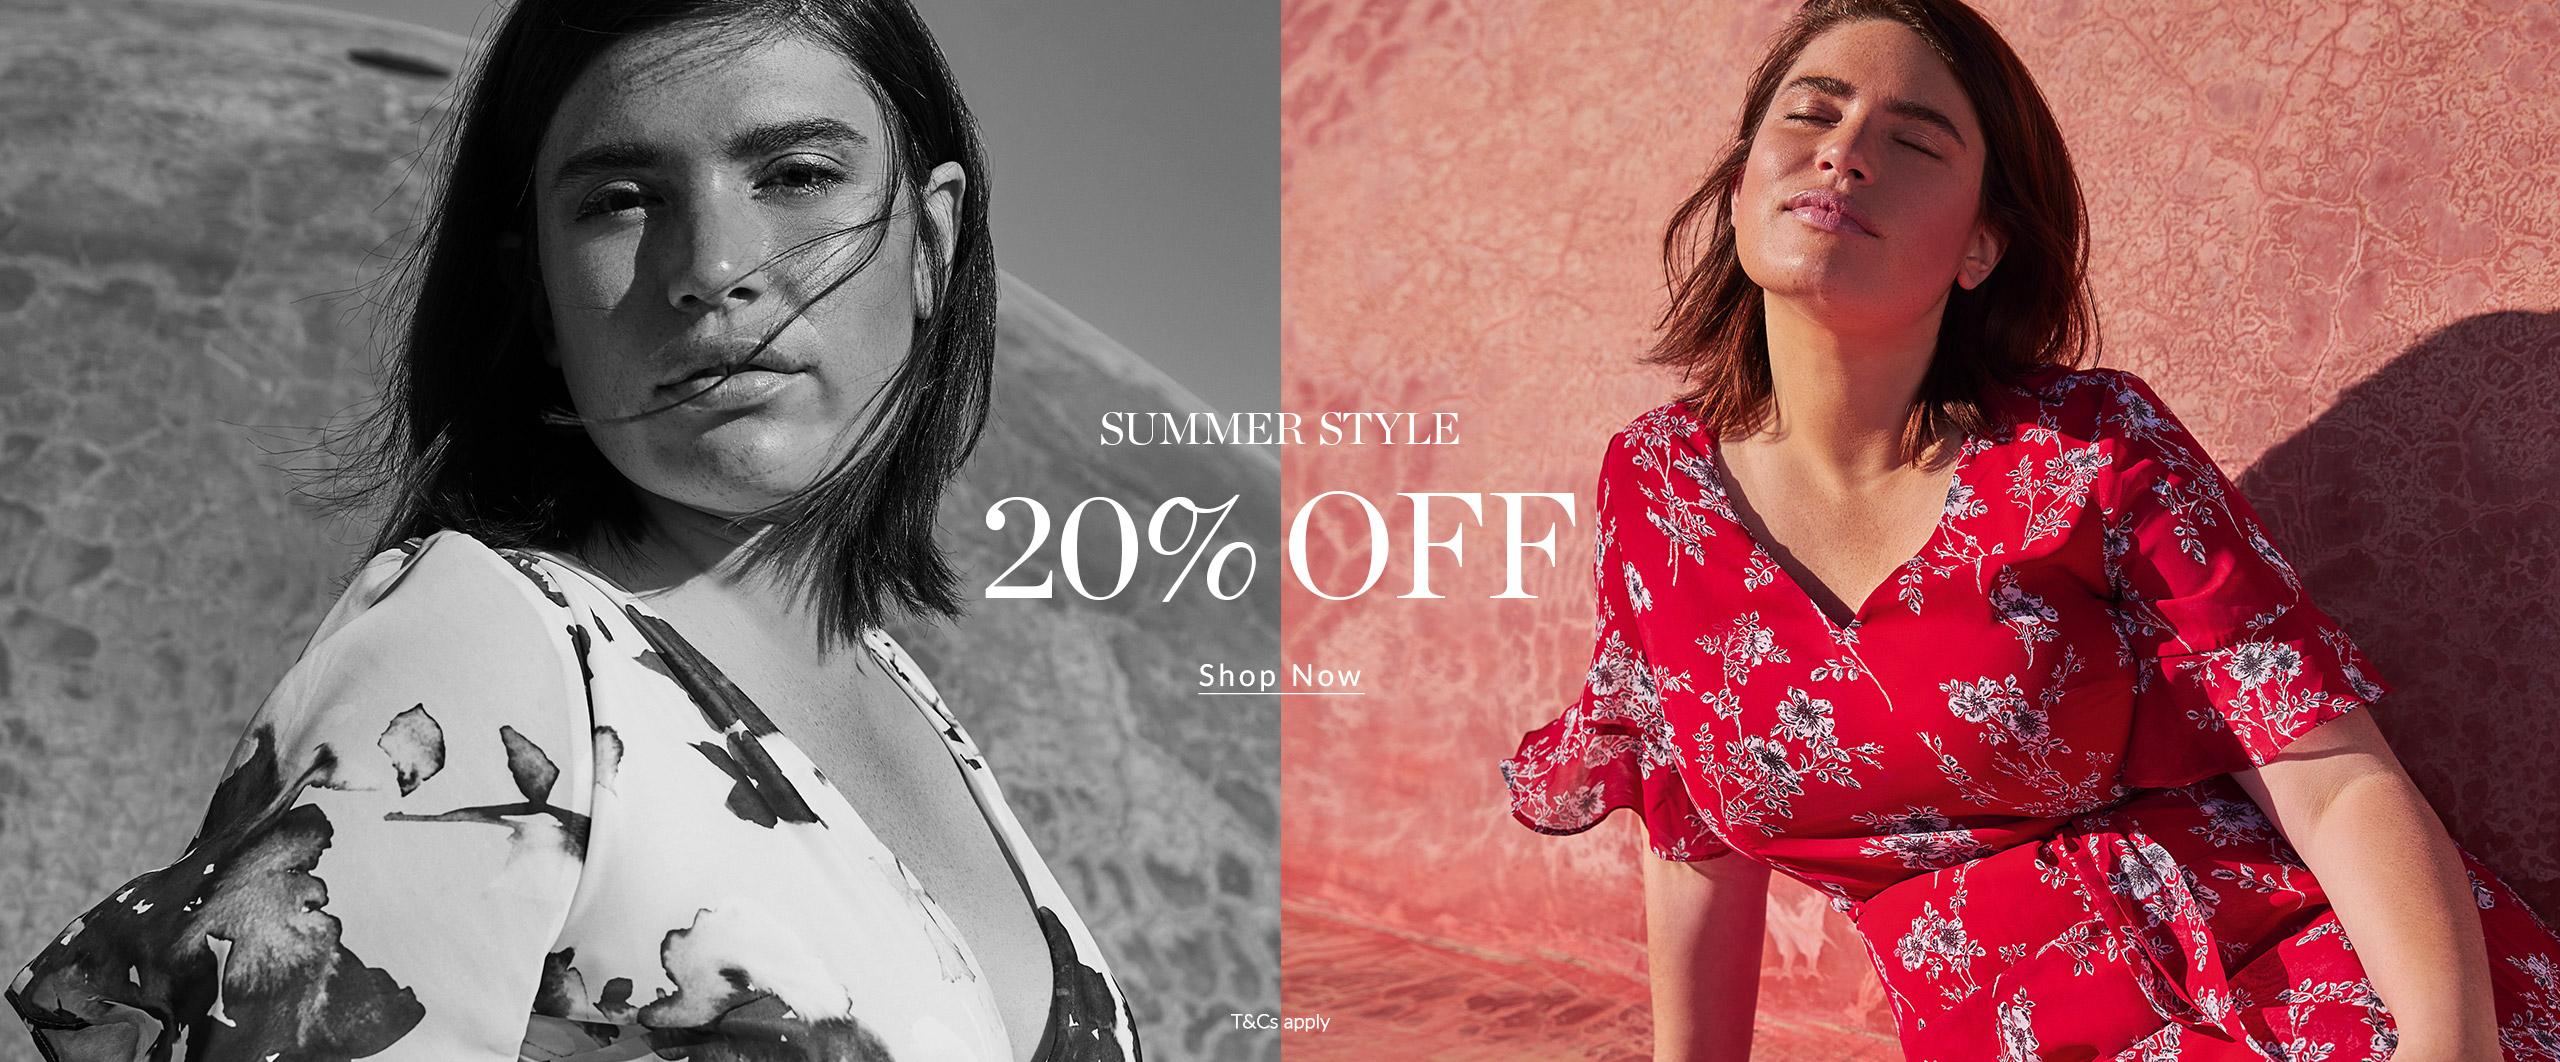 Shop Now 20% Off